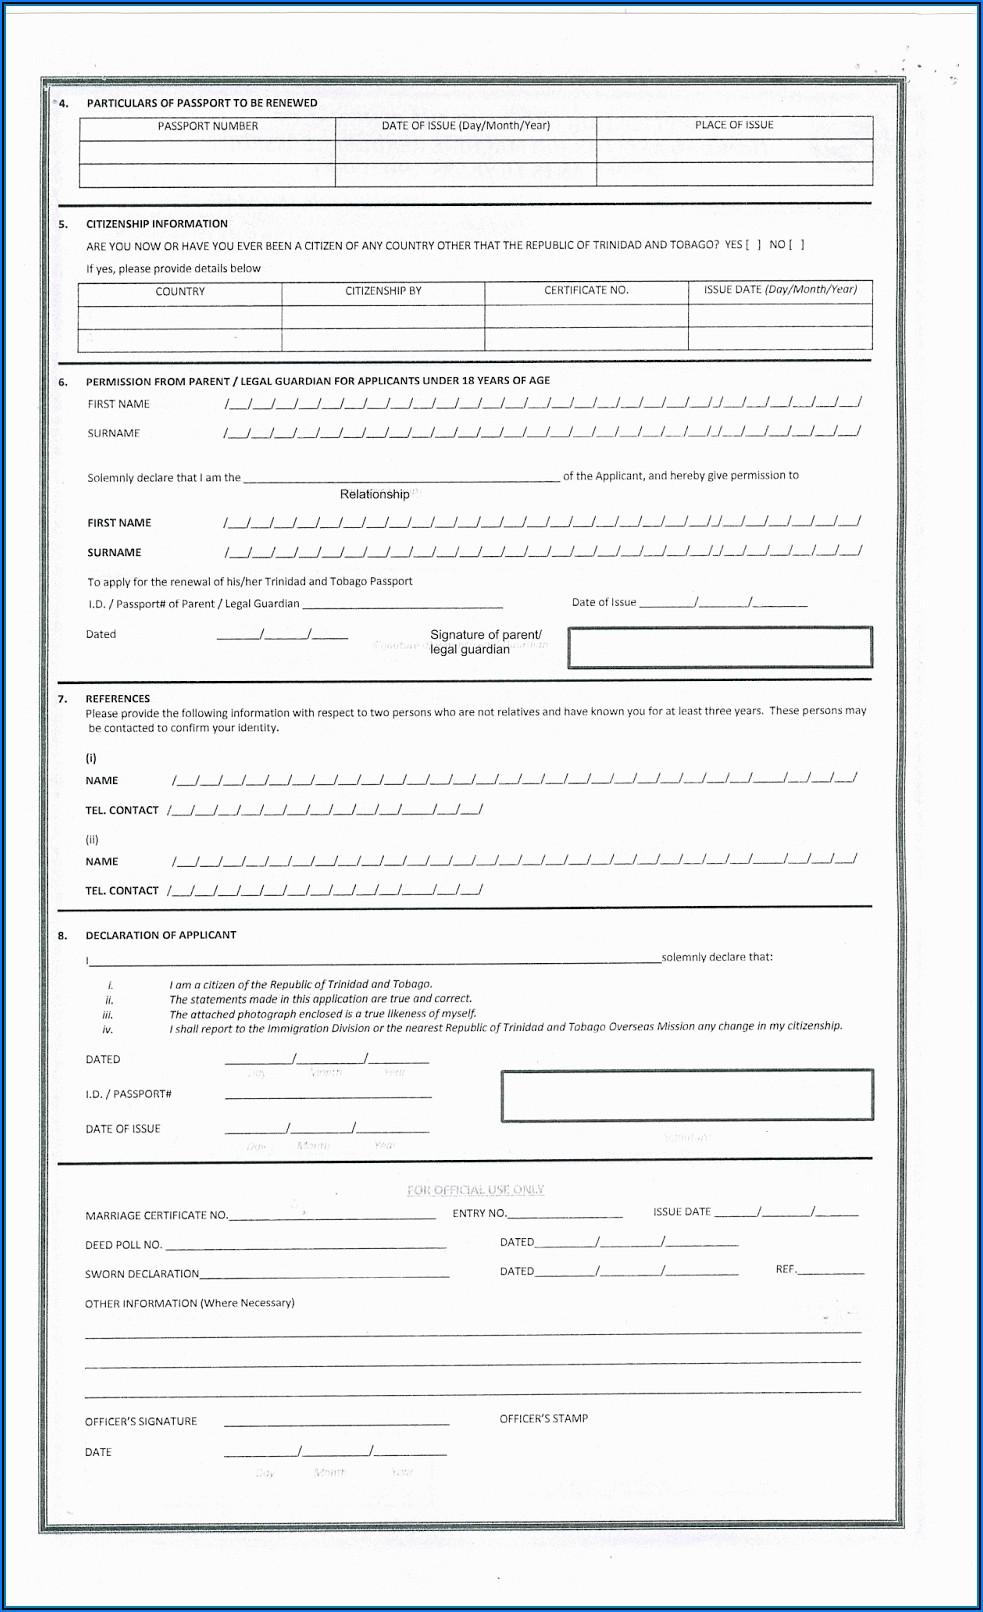 Passport Forms Renewal Trinidad And Tobago